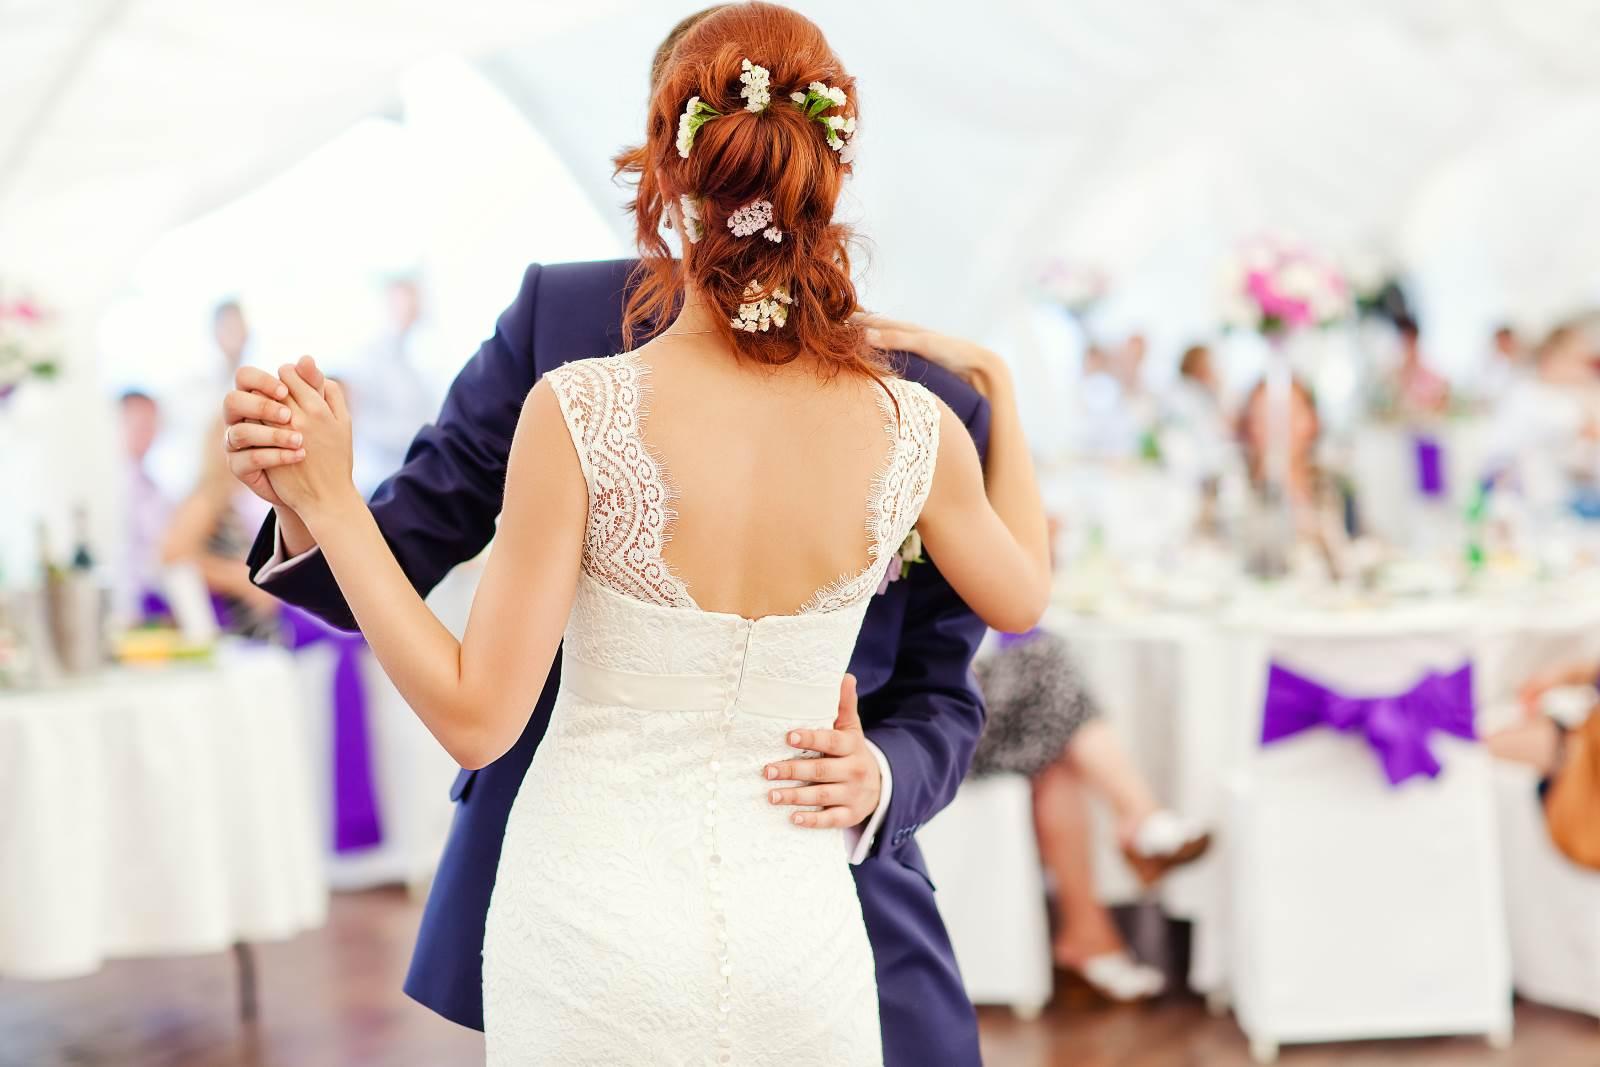 danza tra sposi durante cerimonia di nozze